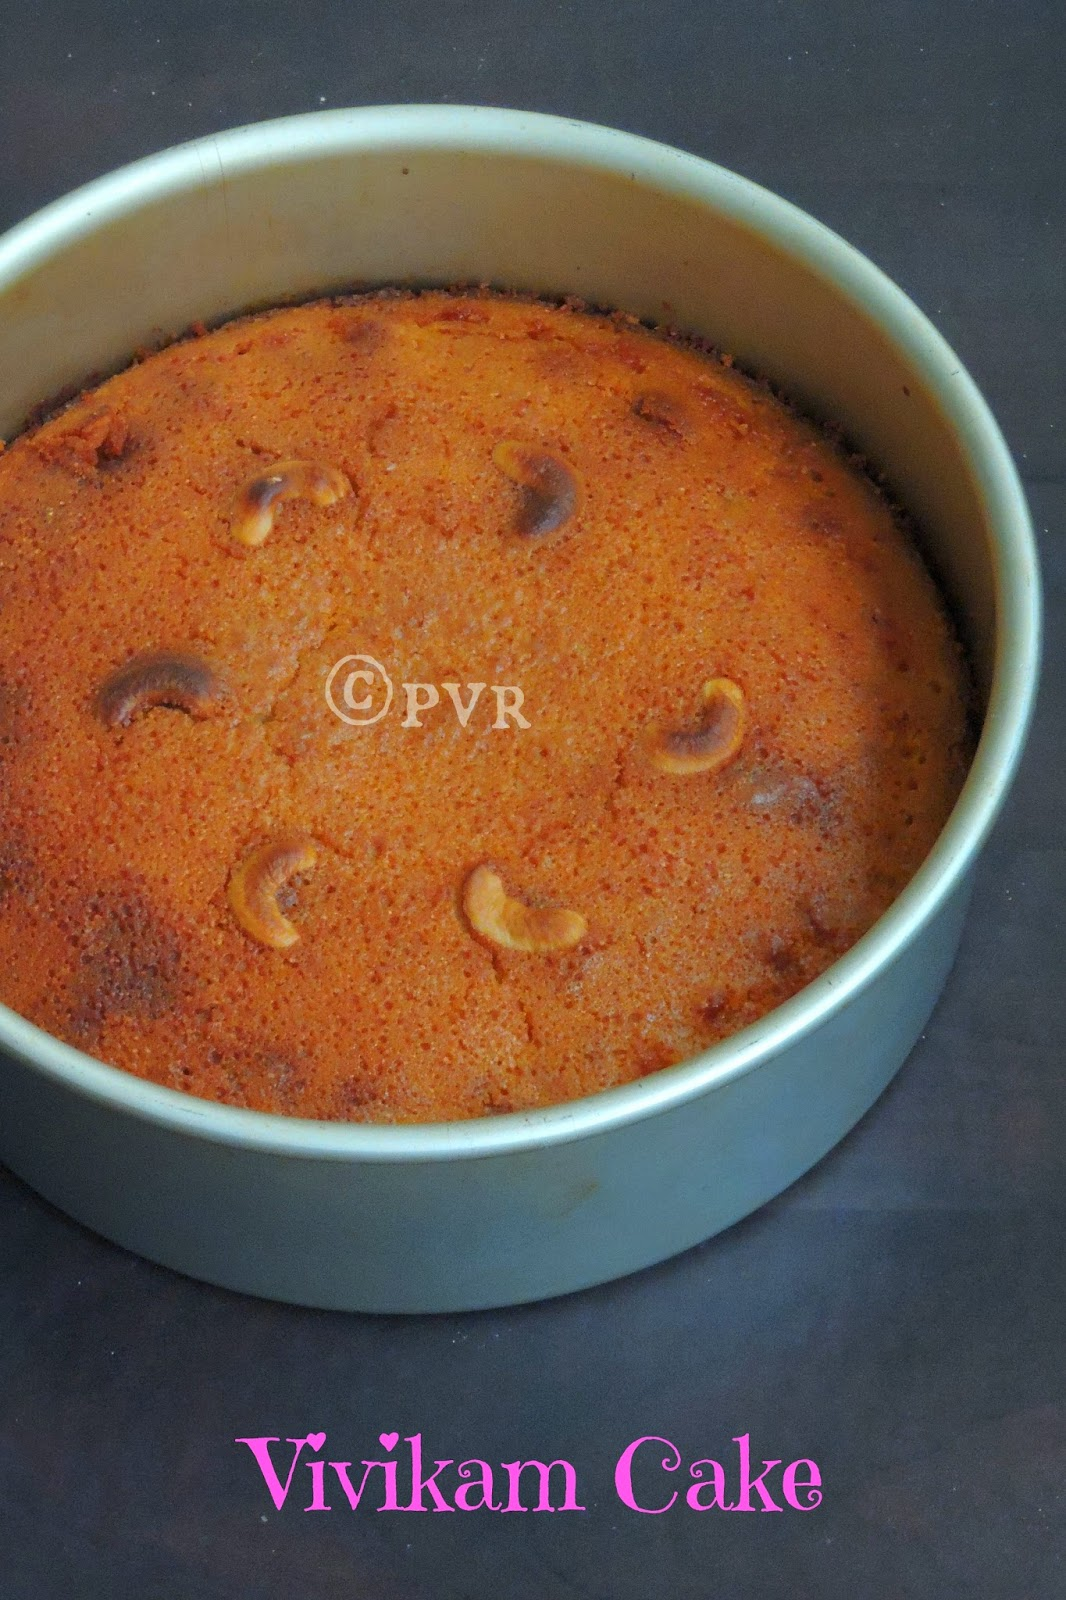 Vivikam cake, Puducherry cake